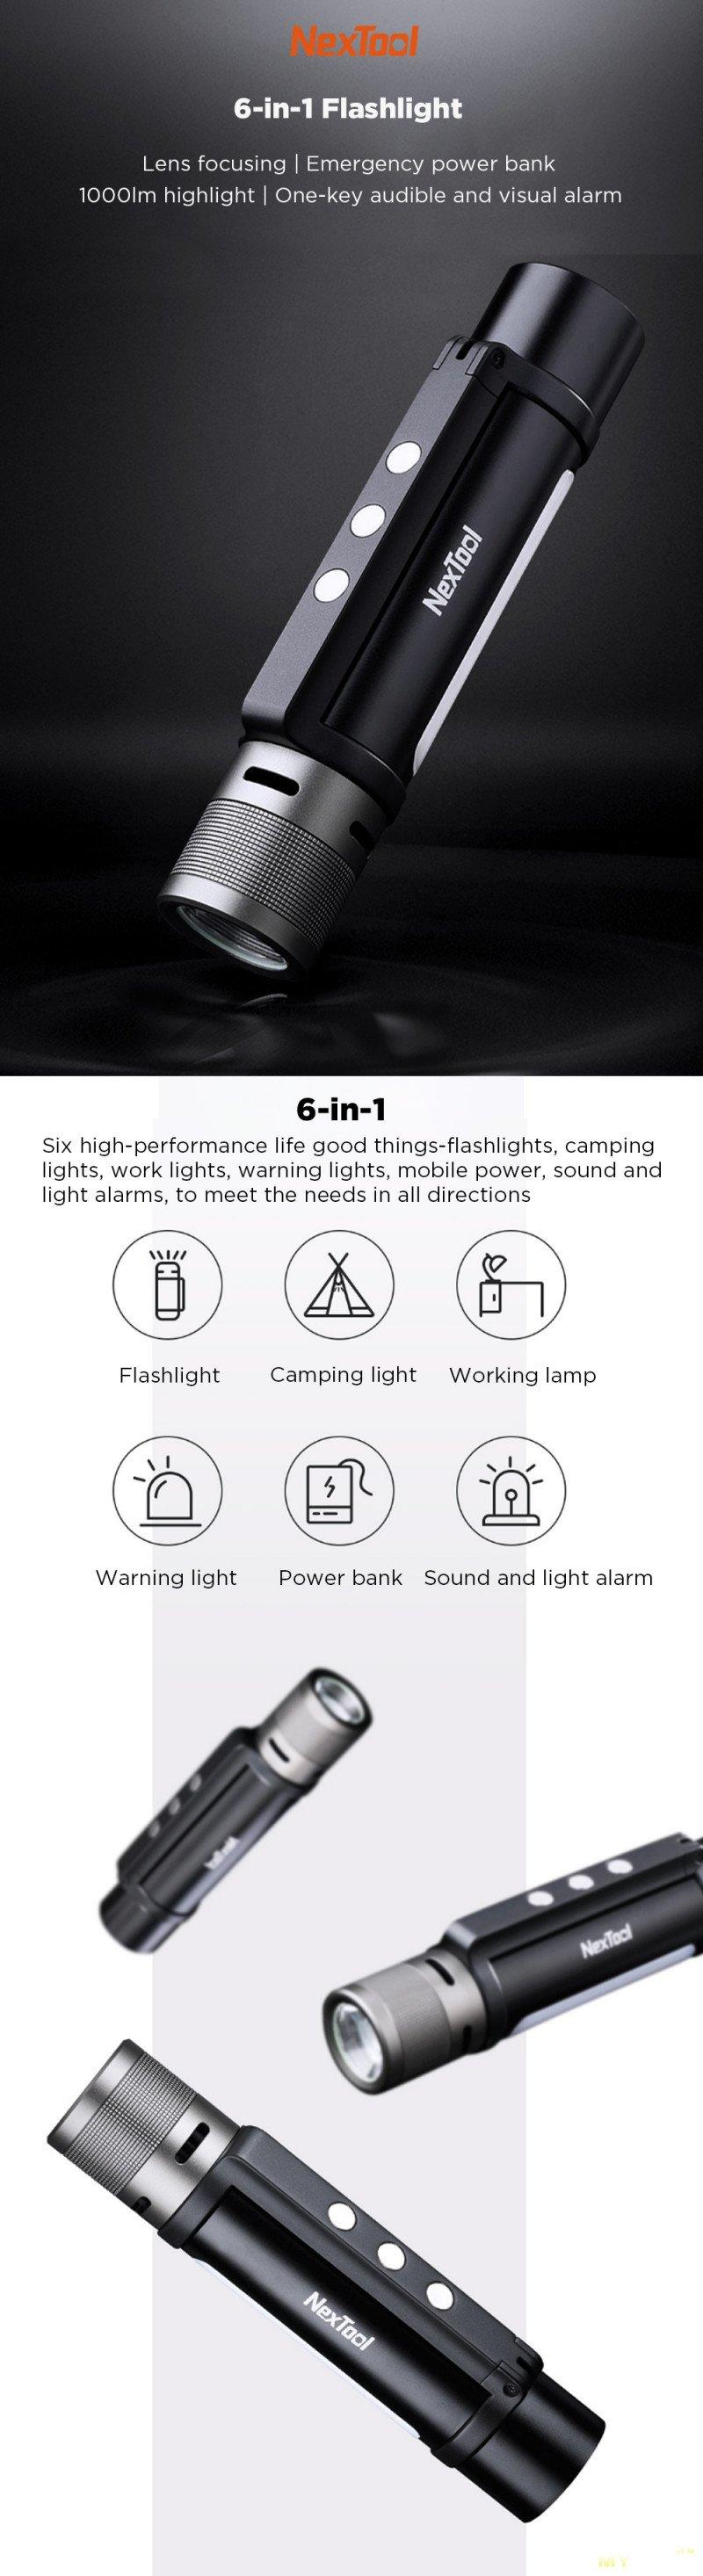 Светодиодный фонарик NexTool Flash 6 в 1 с IPX4 за 19.44$